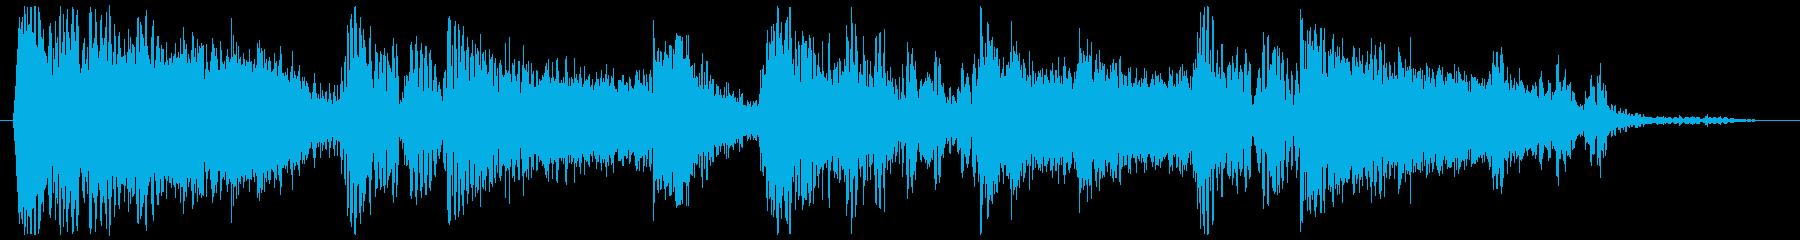 ホーンの音が響くヒップホップジングルの再生済みの波形